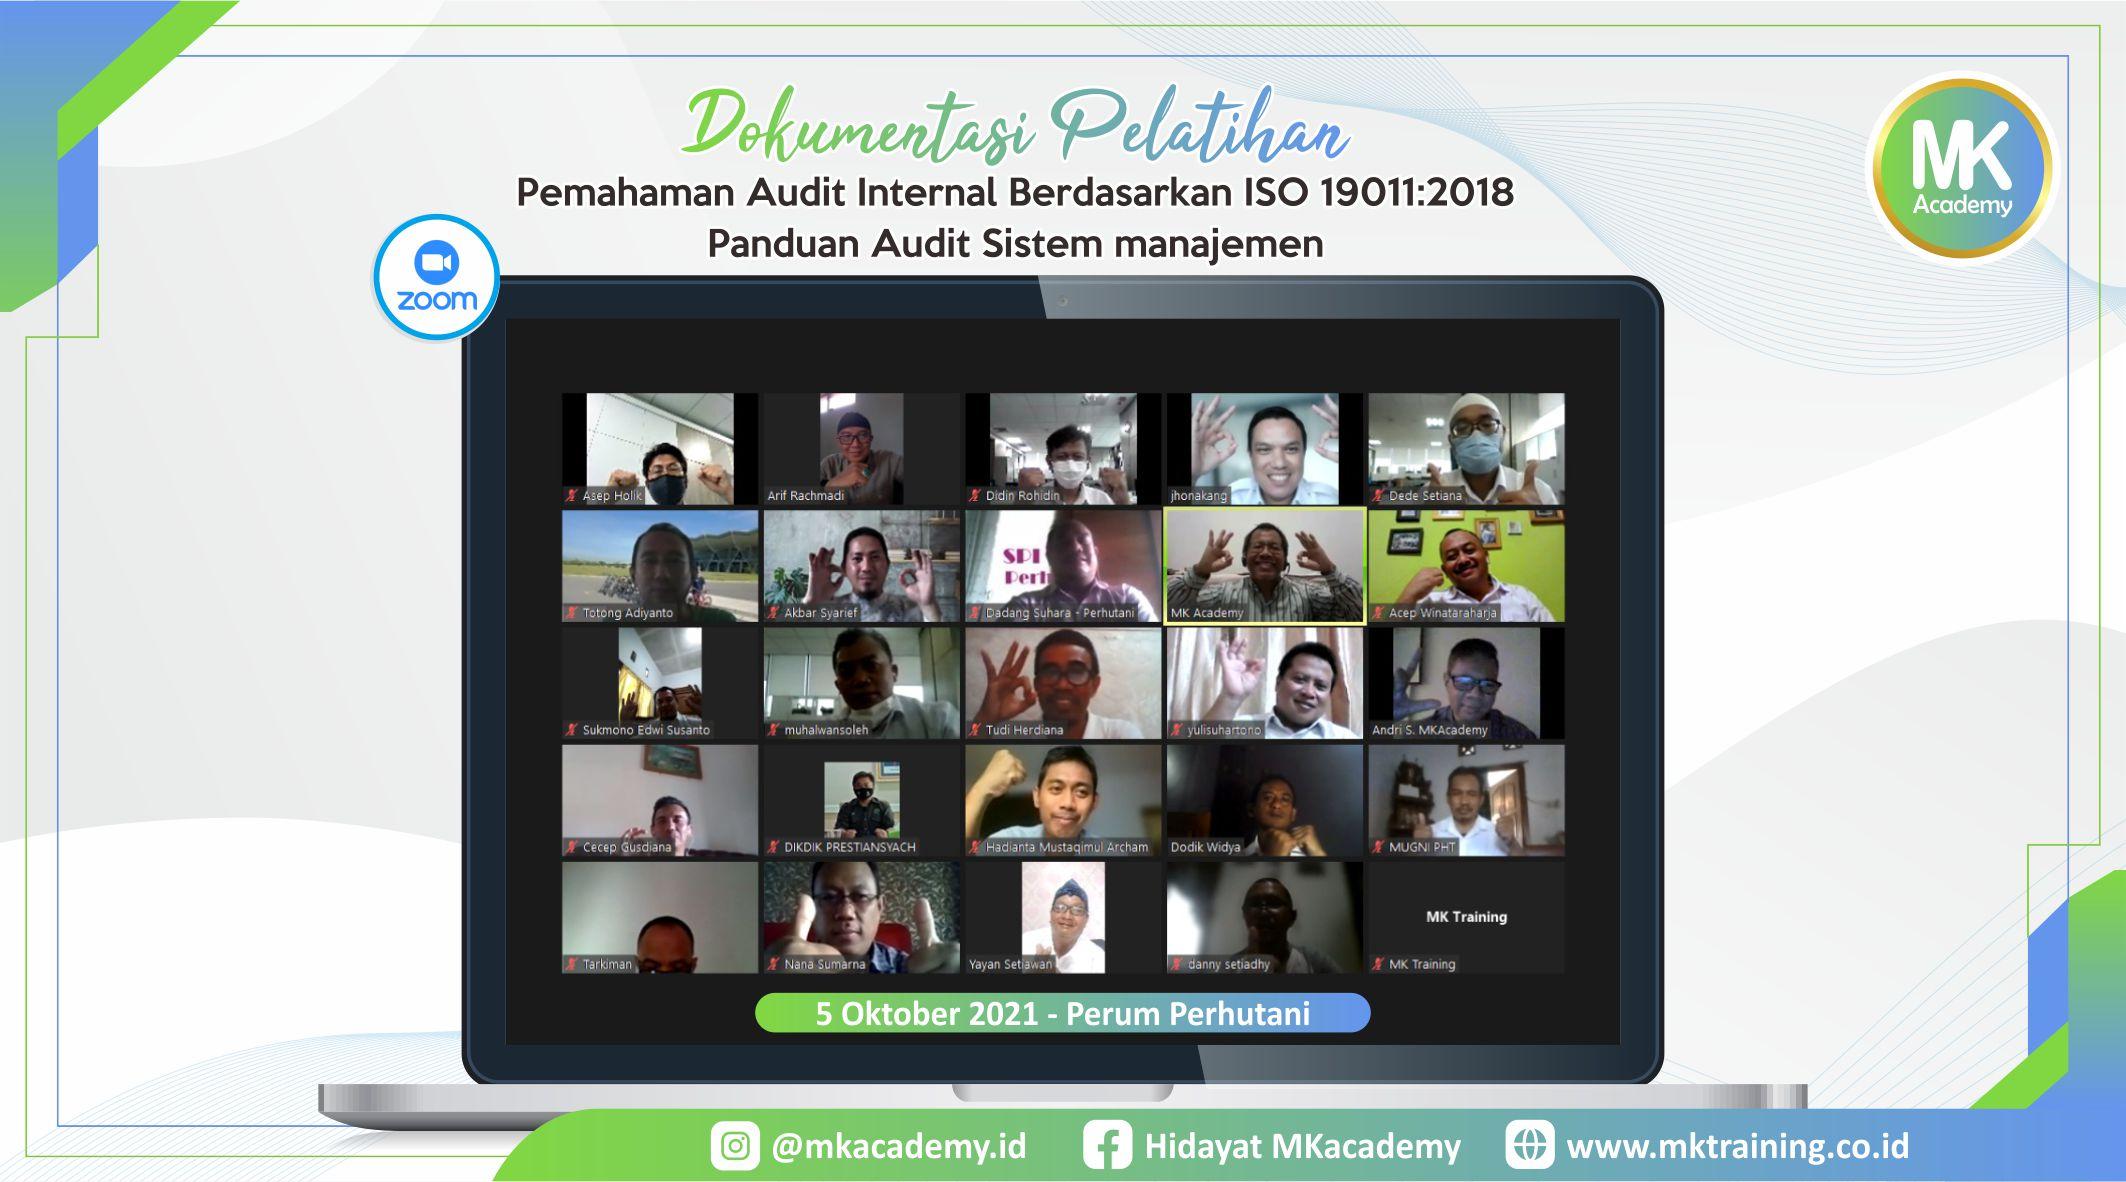 Pelatihan Audit Internal Berdasarkan ISO 19011 2018 Panduan Audit Sistem manajemen 051021